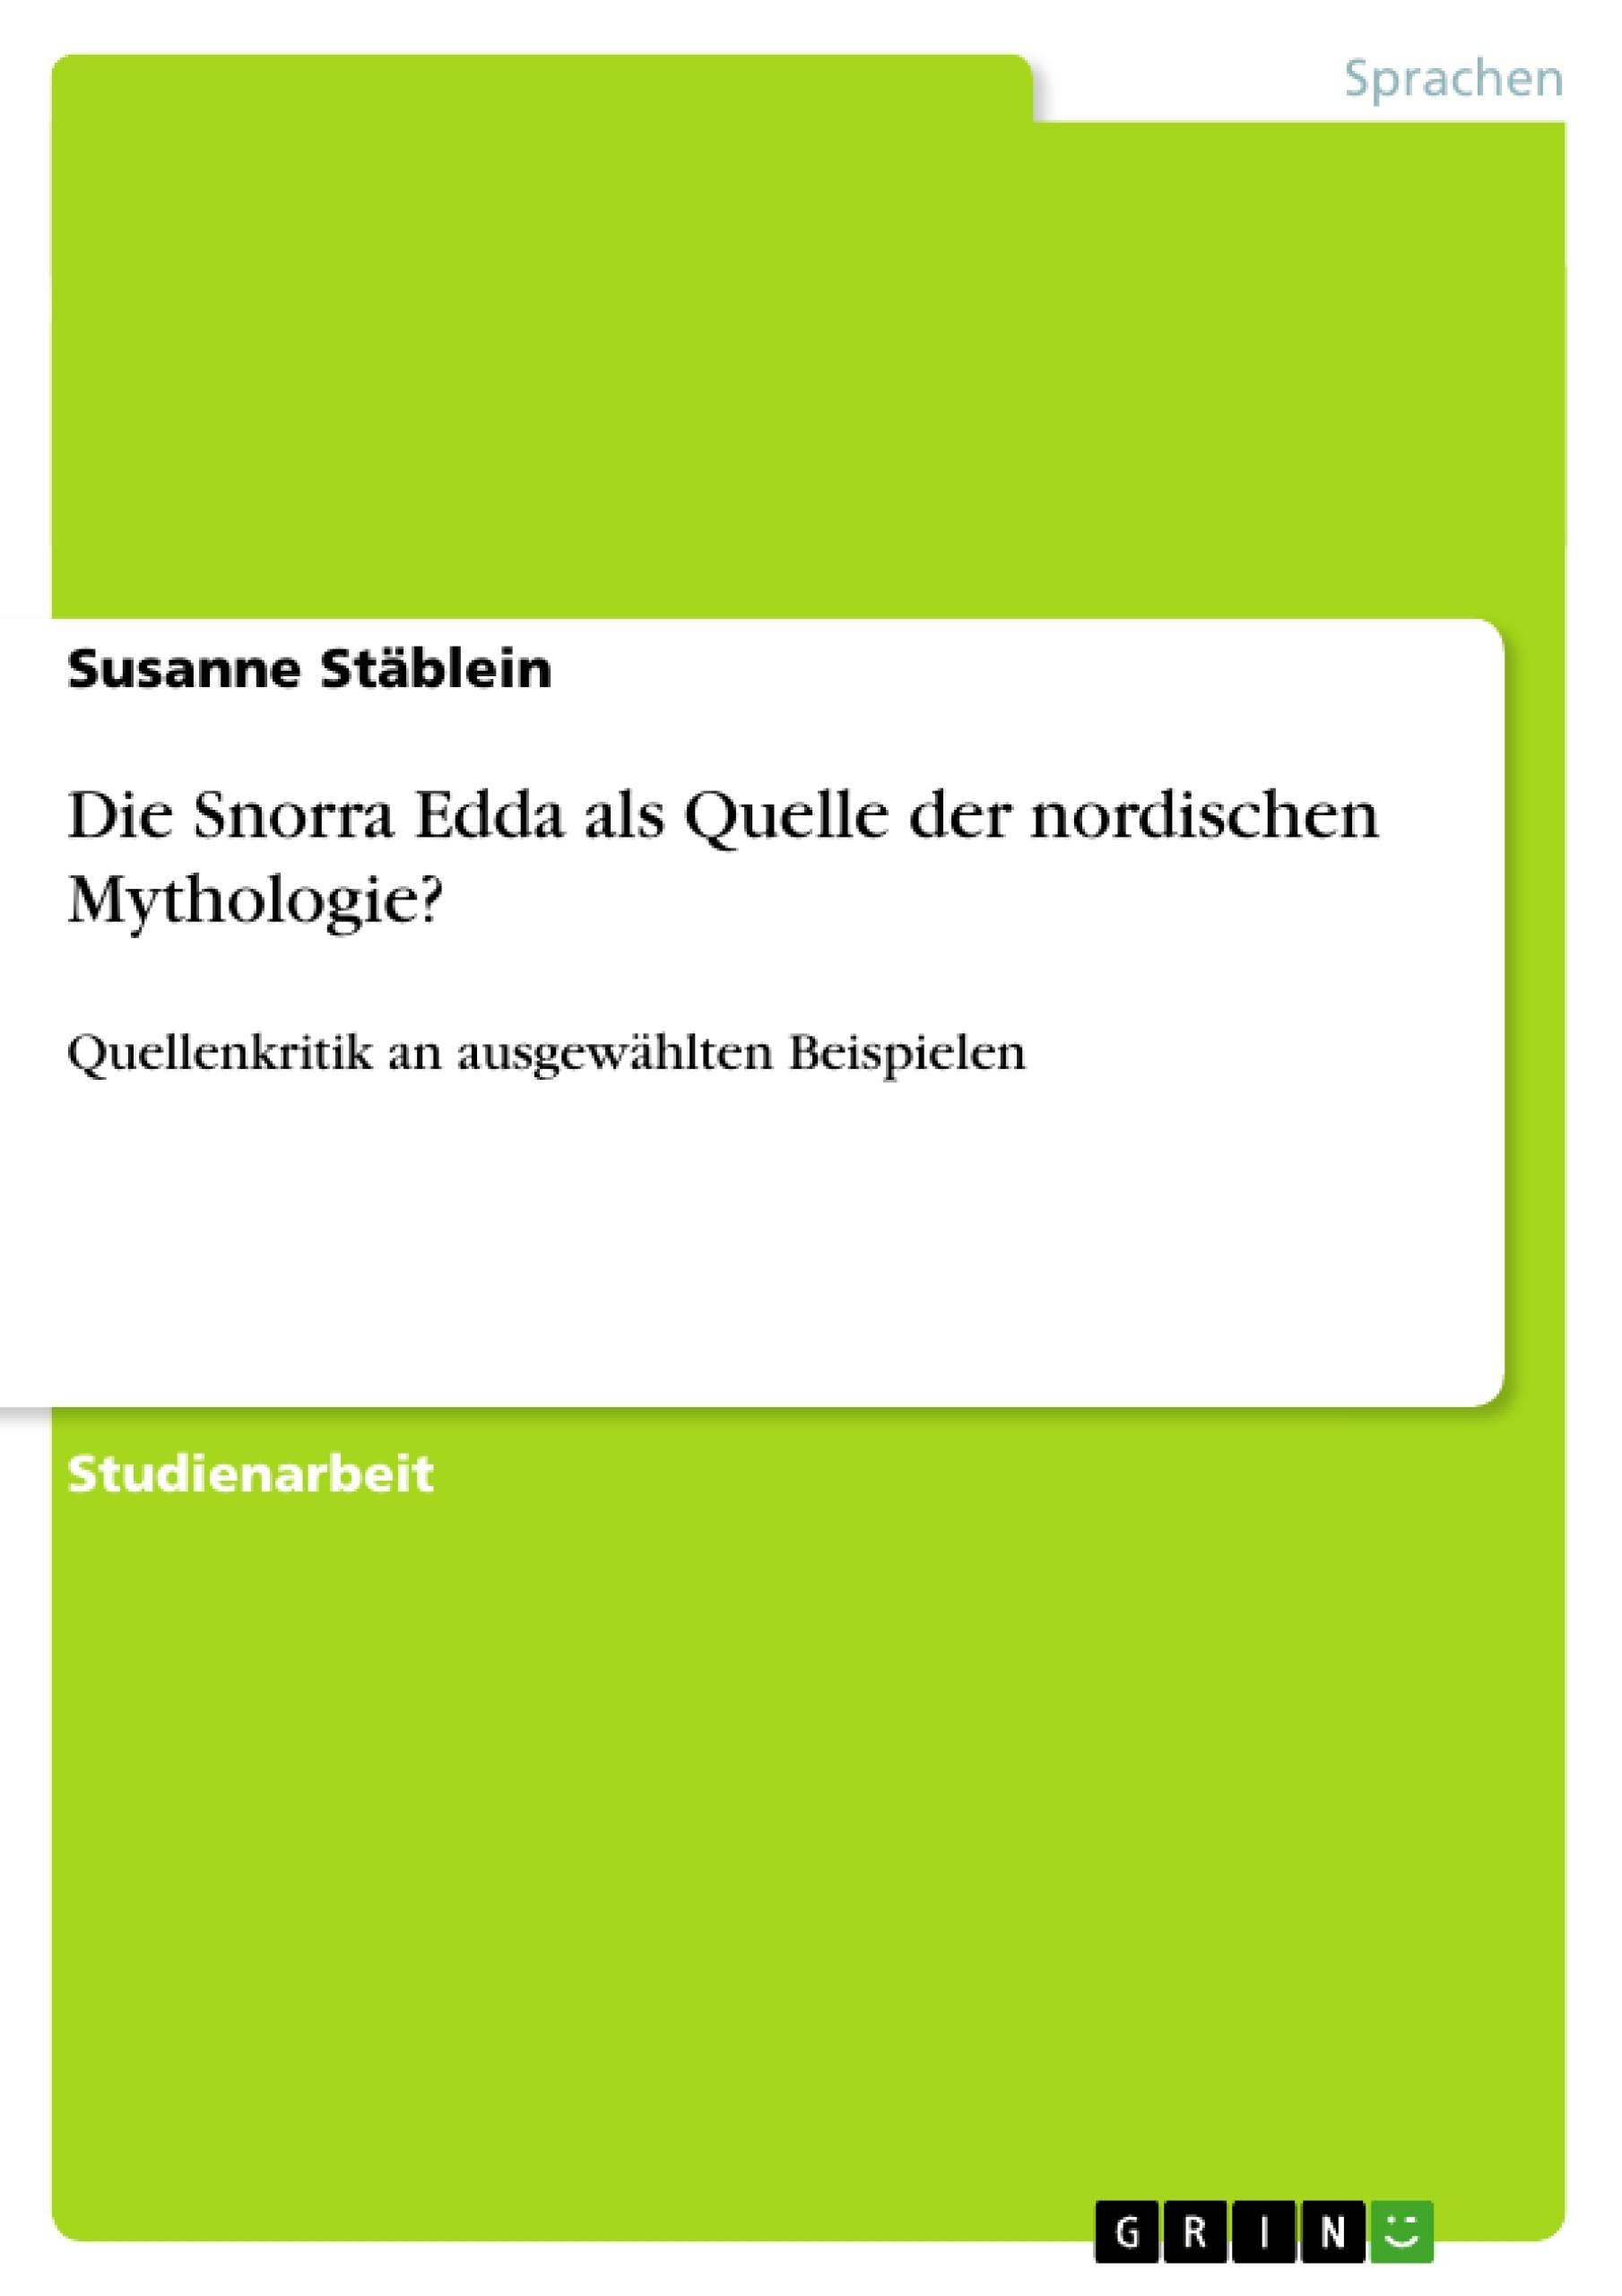 Titel: Die Snorra Edda als Quelle der nordischen Mythologie?